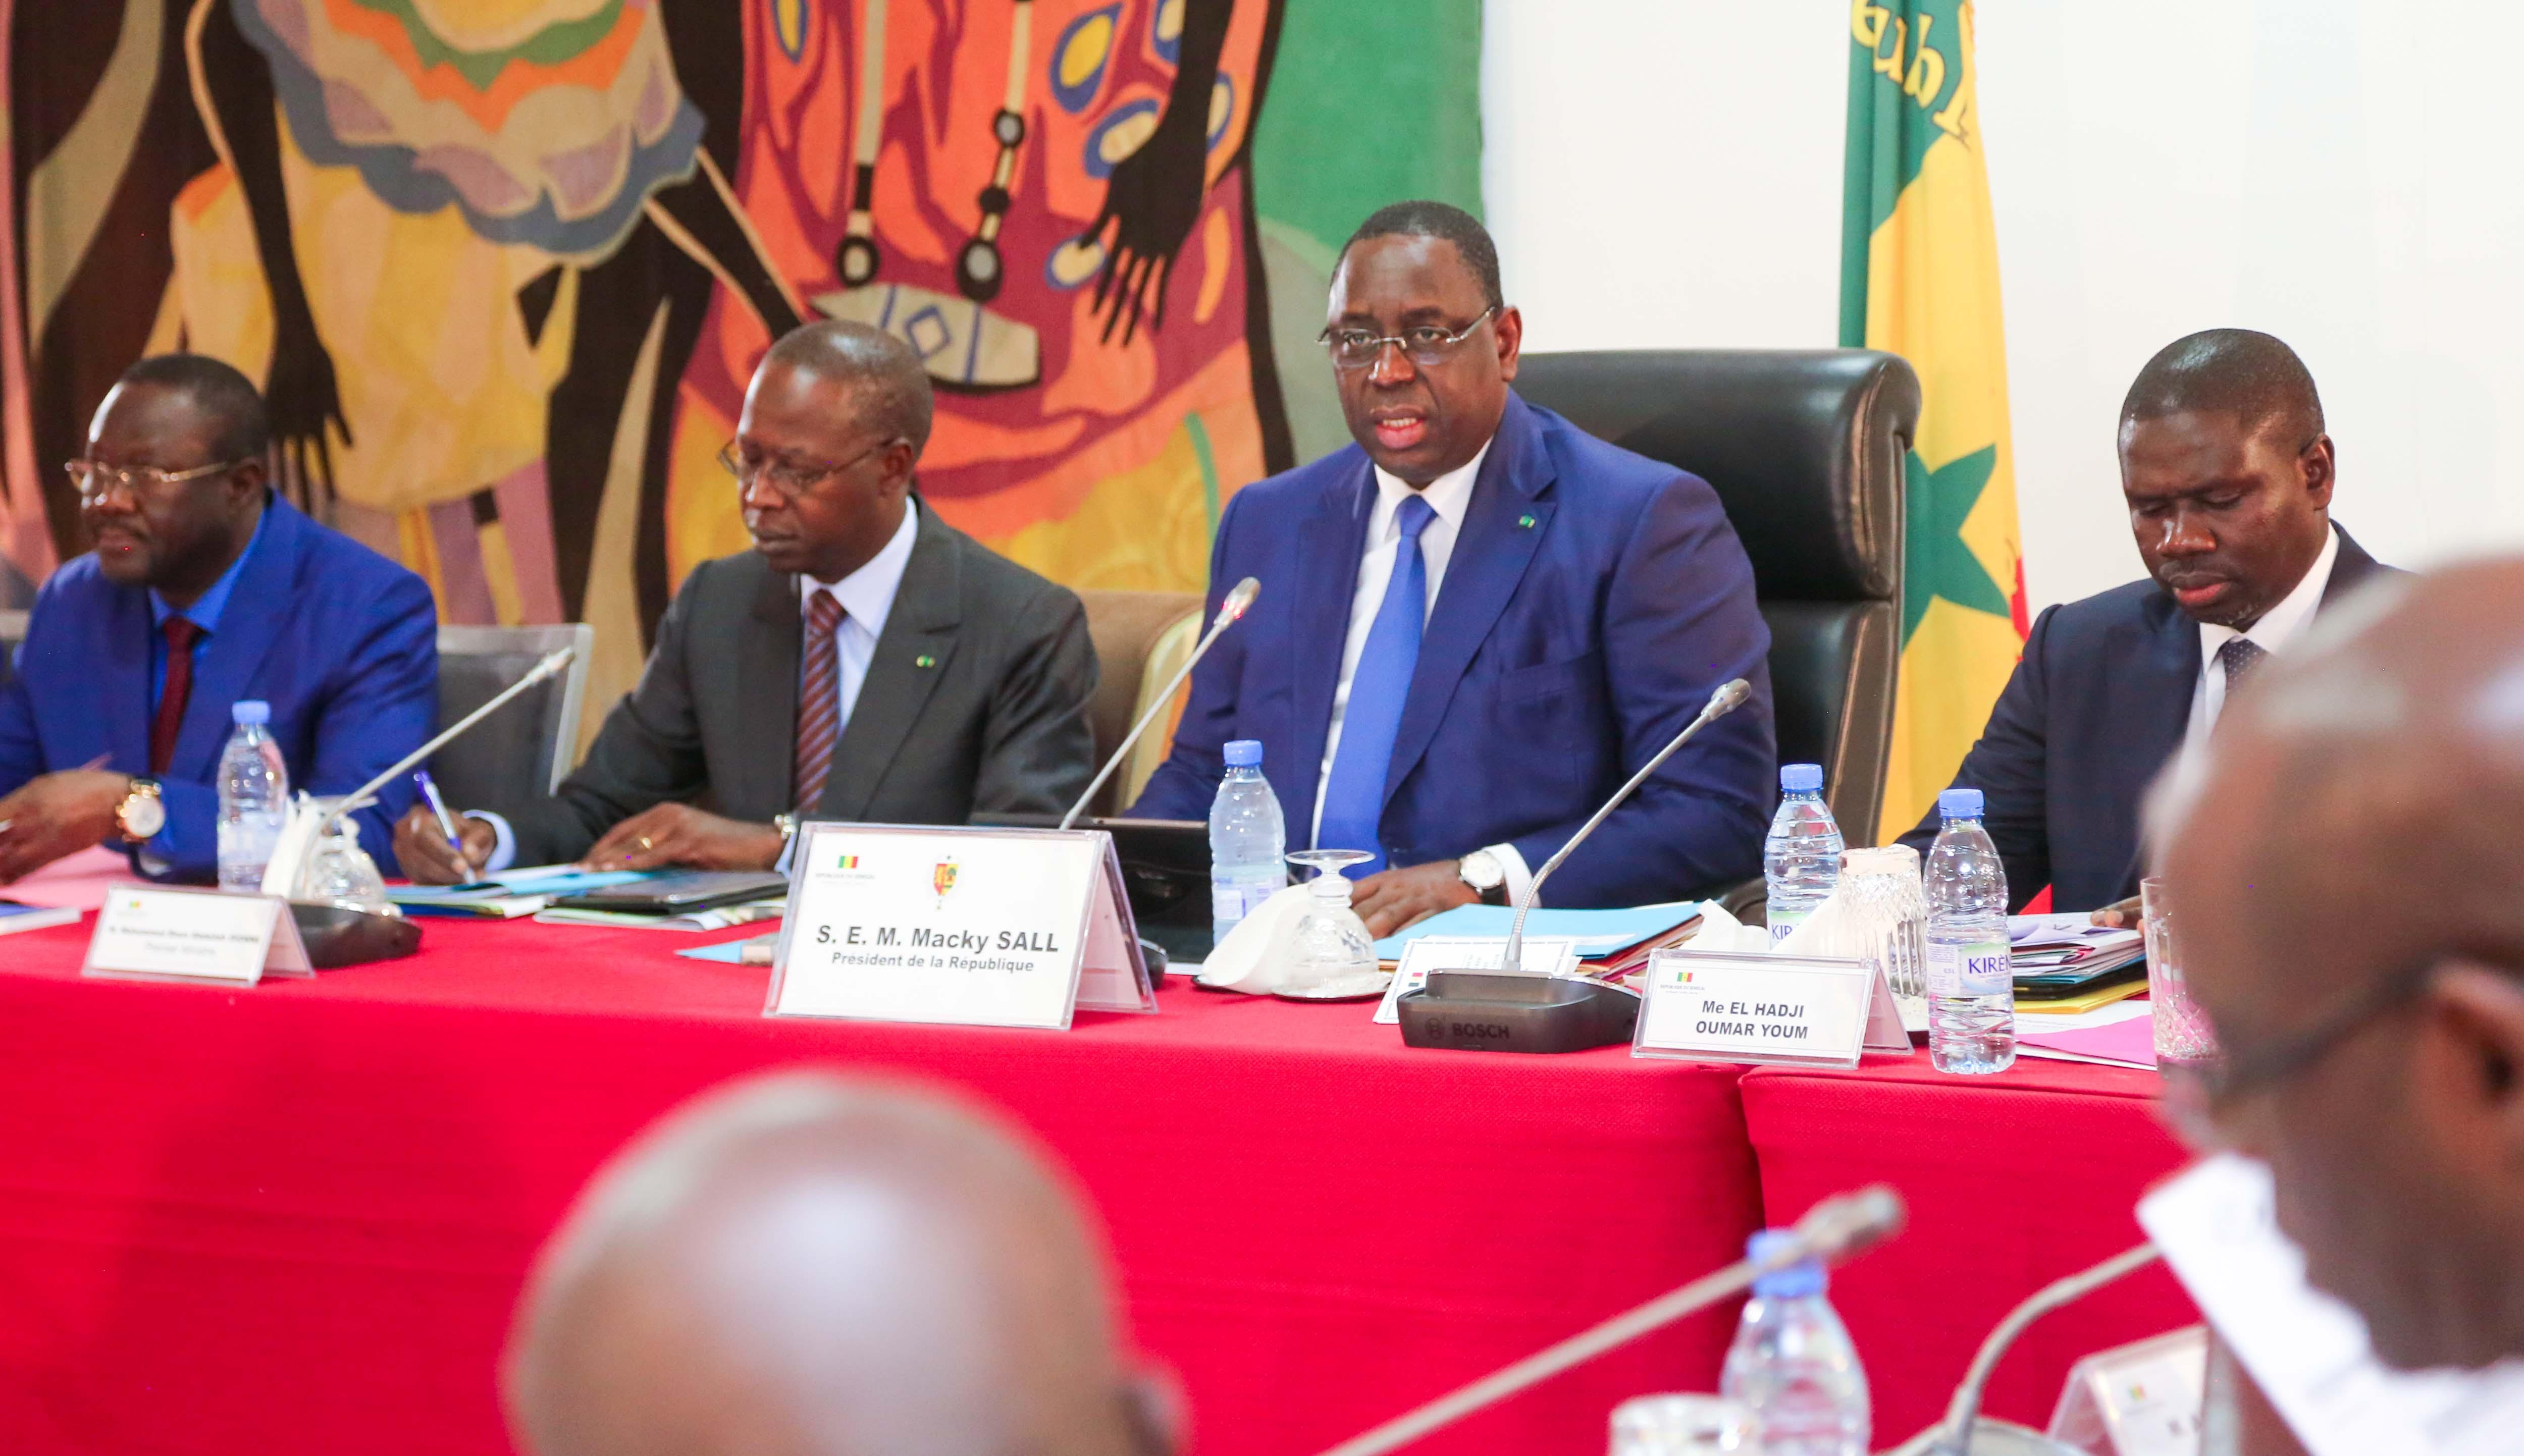 Entreprises en difficulté : Le gouvernement invité à finaliser le processus de restructuration